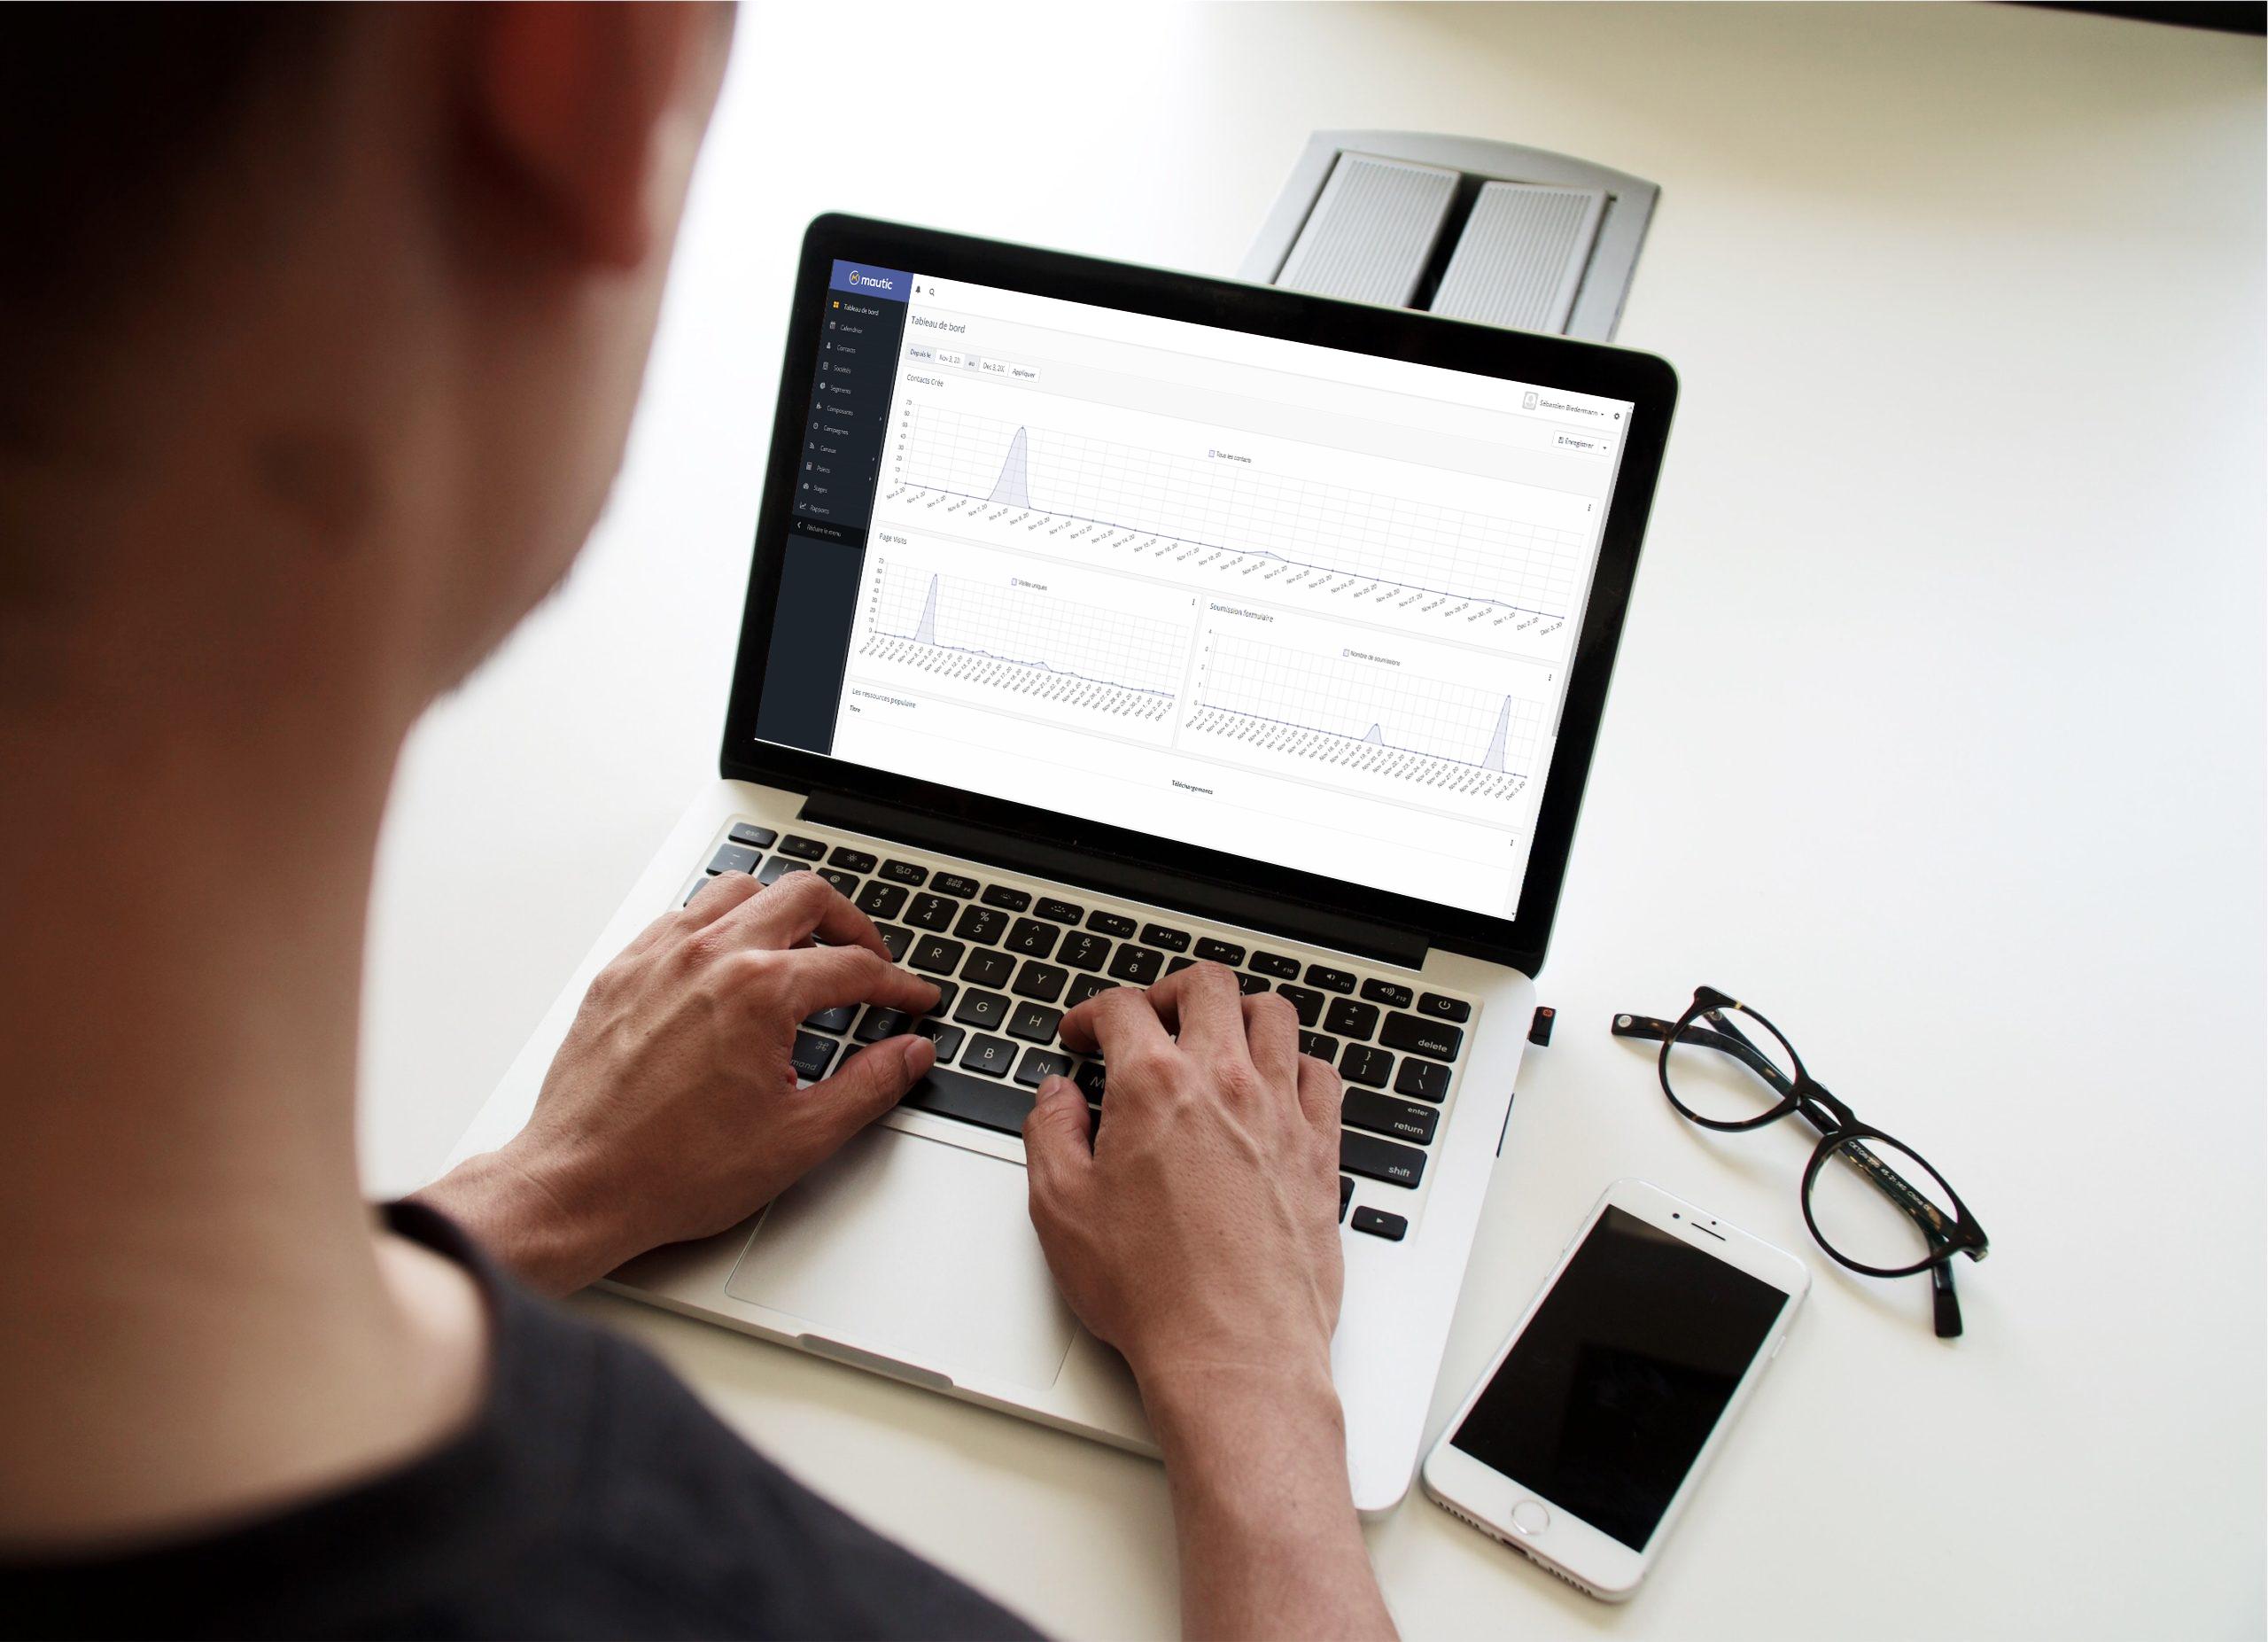 Personne travaillant sur un ordinateur portable. Sur l'écran on voit une fenêtre du logiciel de marketing automation Mautic.